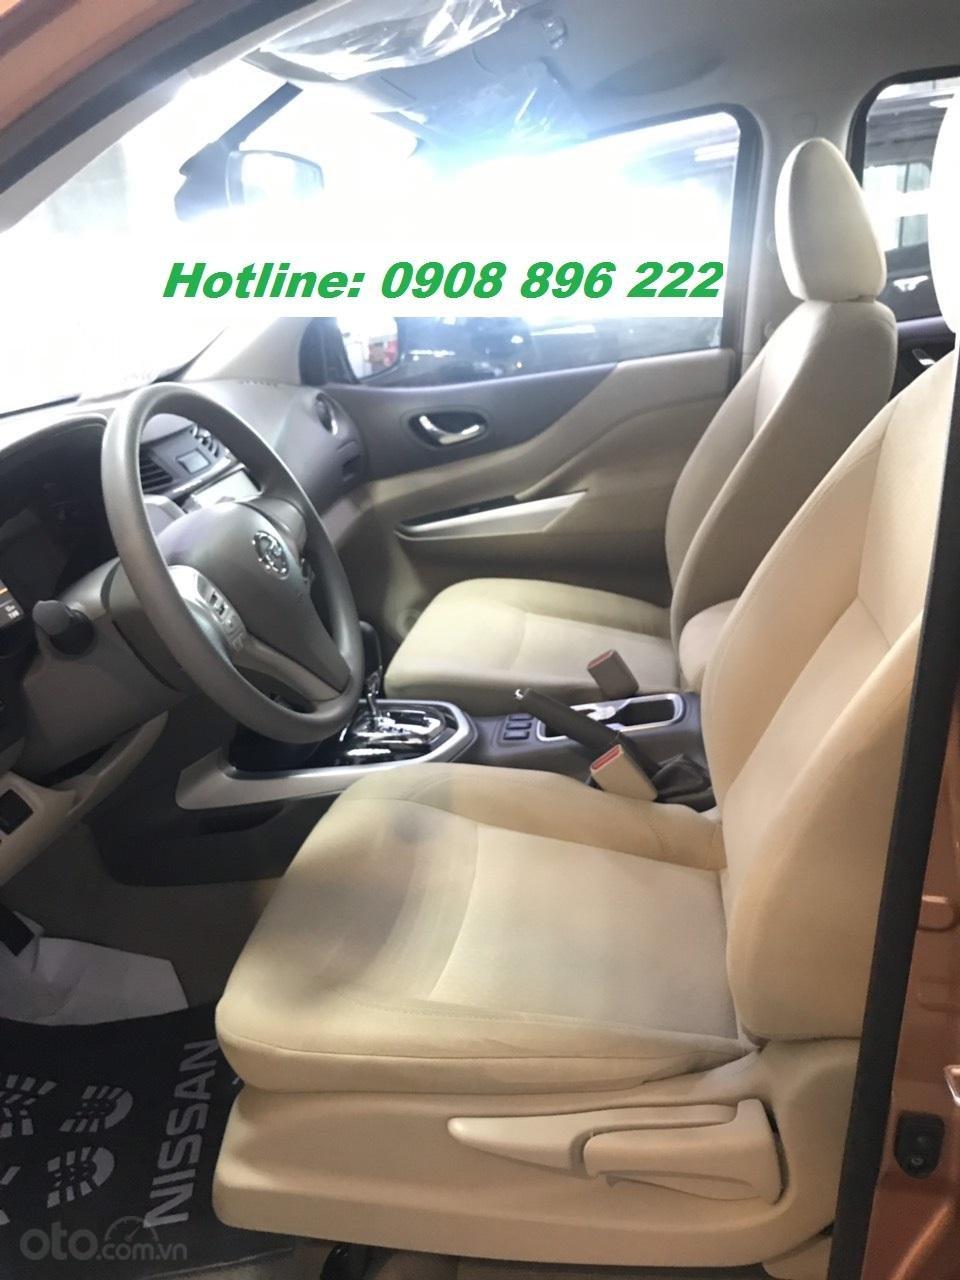 Bán tải Nissan Navara EL Premium Z 2020, vay 90%, giao xe ngay, LH 0908896222 (5)